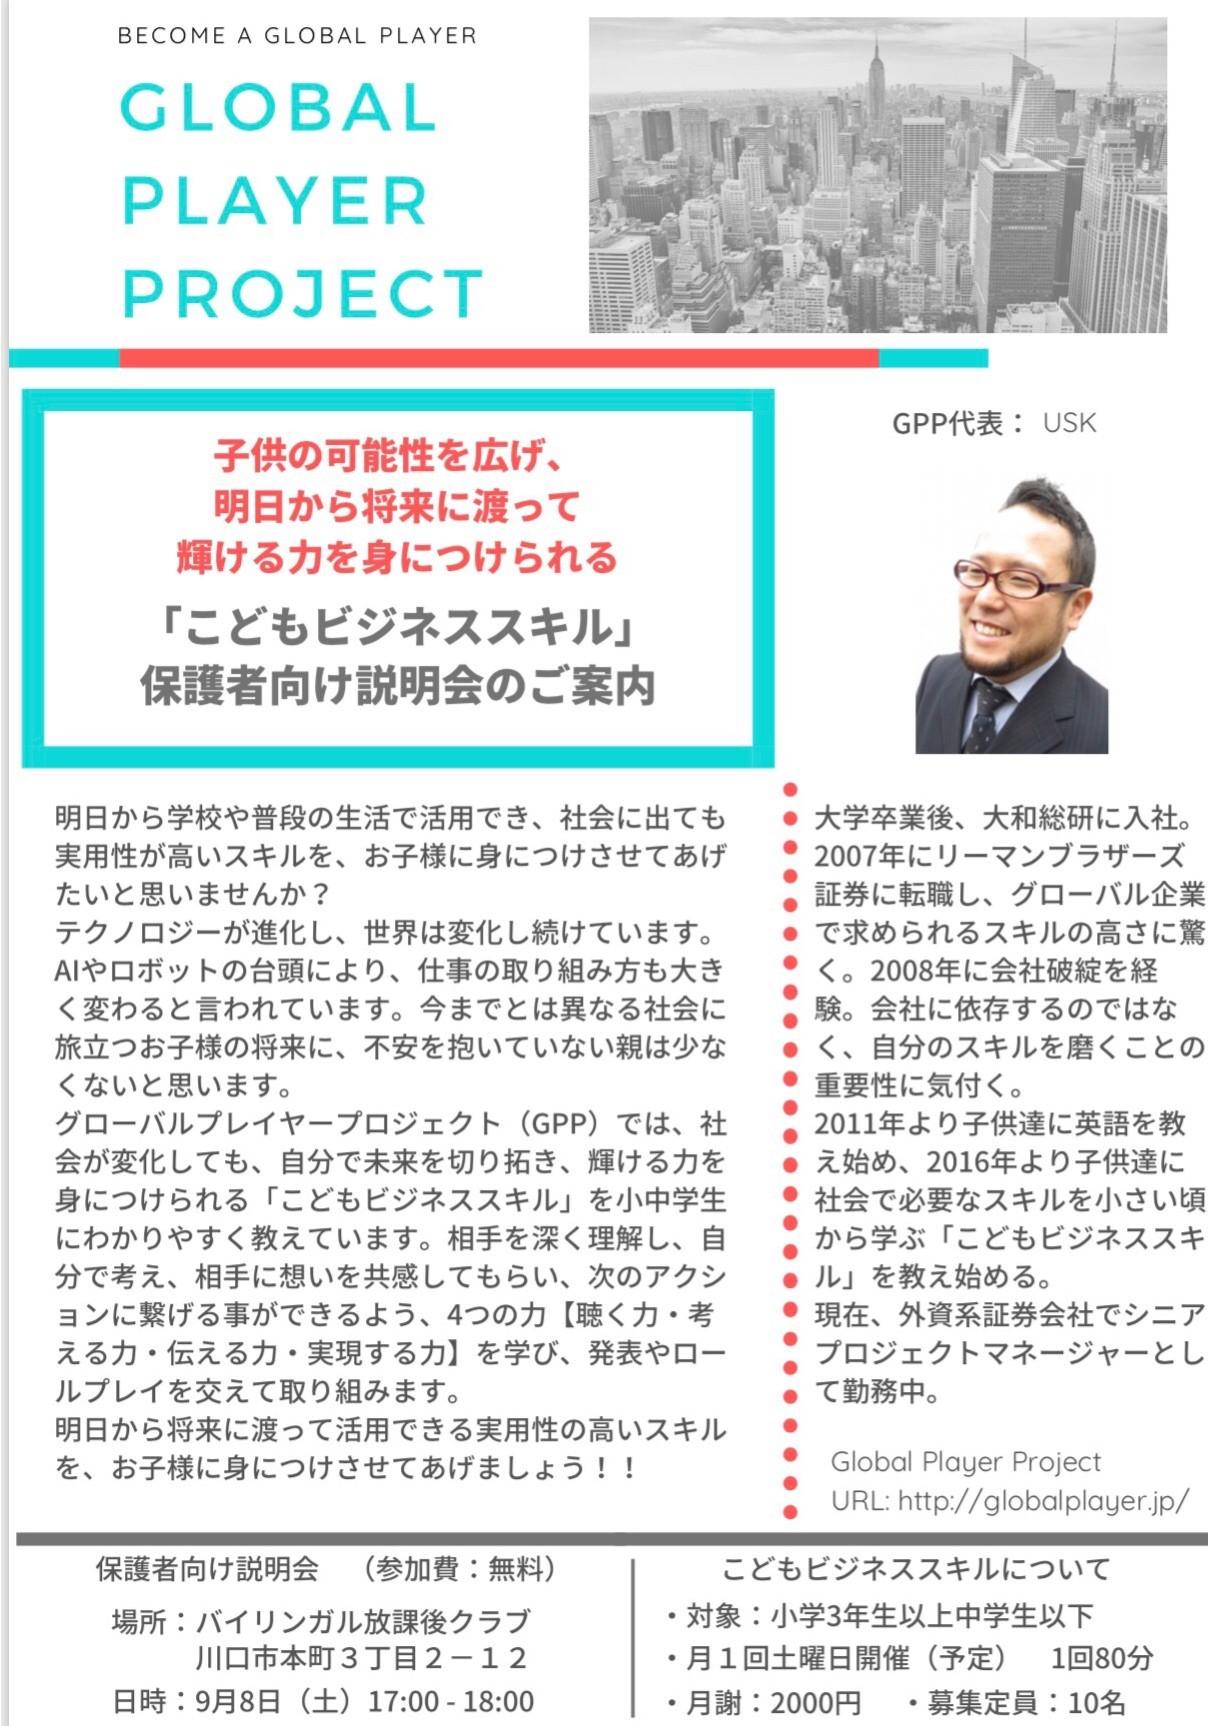 こどもビジネススキルを埼玉県川口市のバイリンガル放課後クラブという塾で開講する事になりました